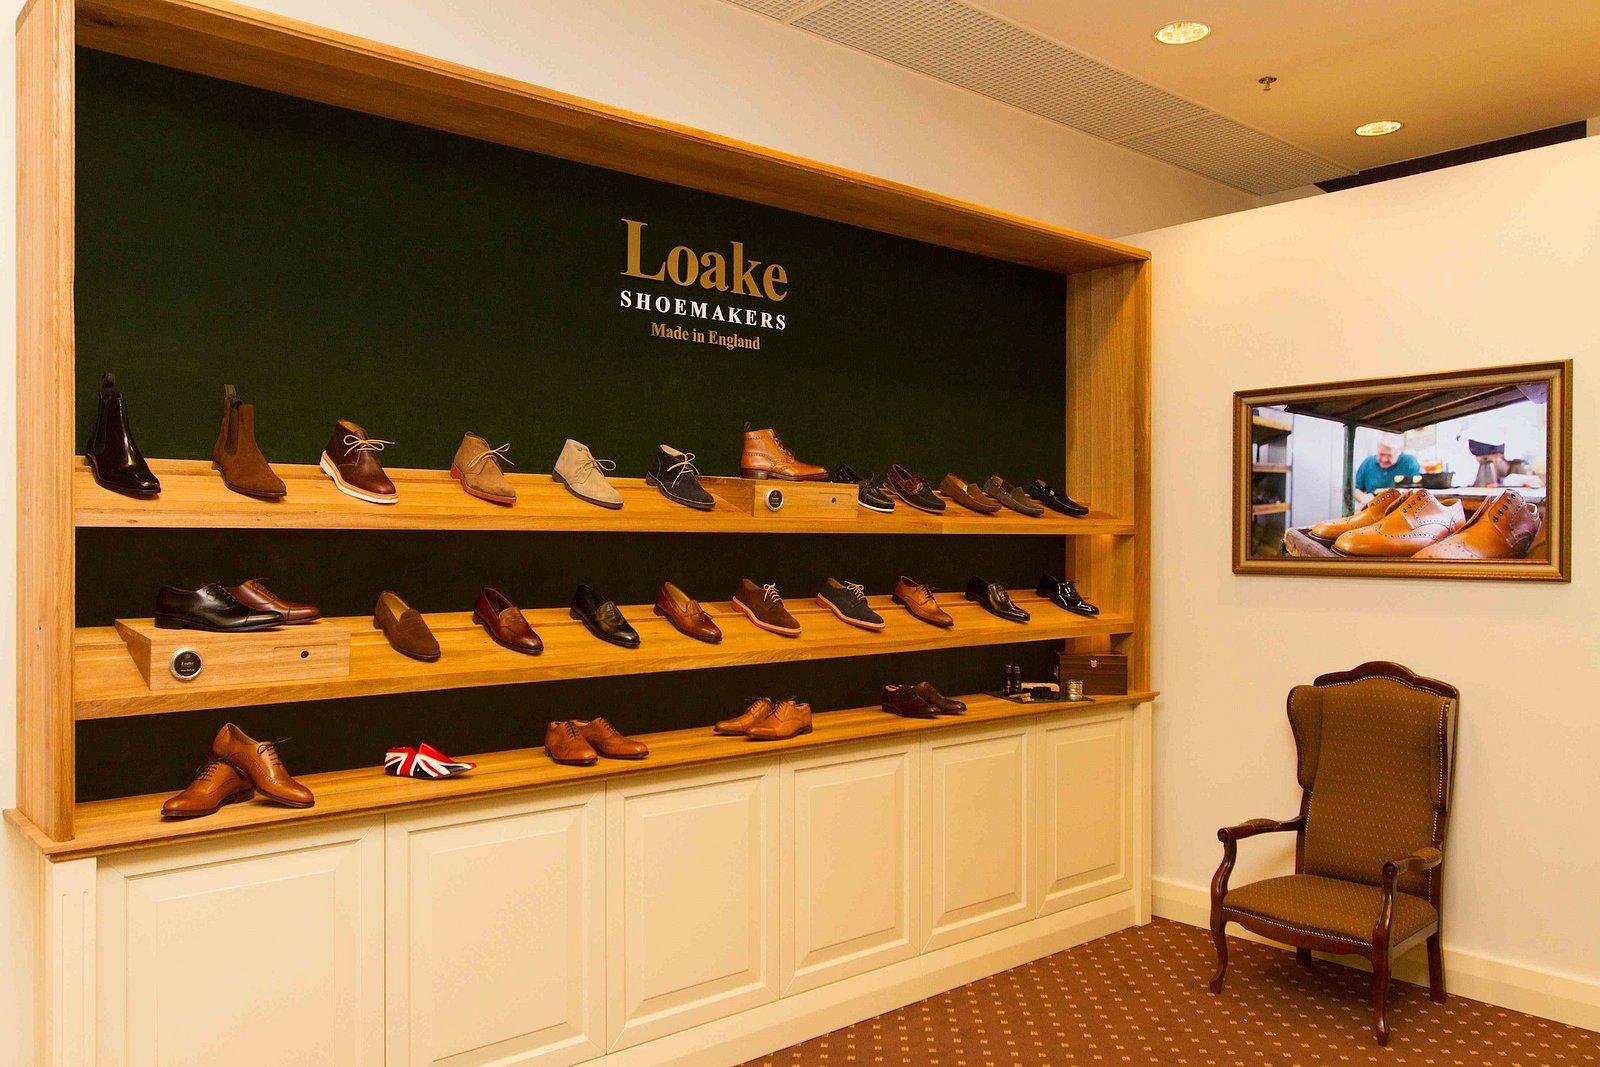 První prodejna firmy Loake v kontinentální Evropě